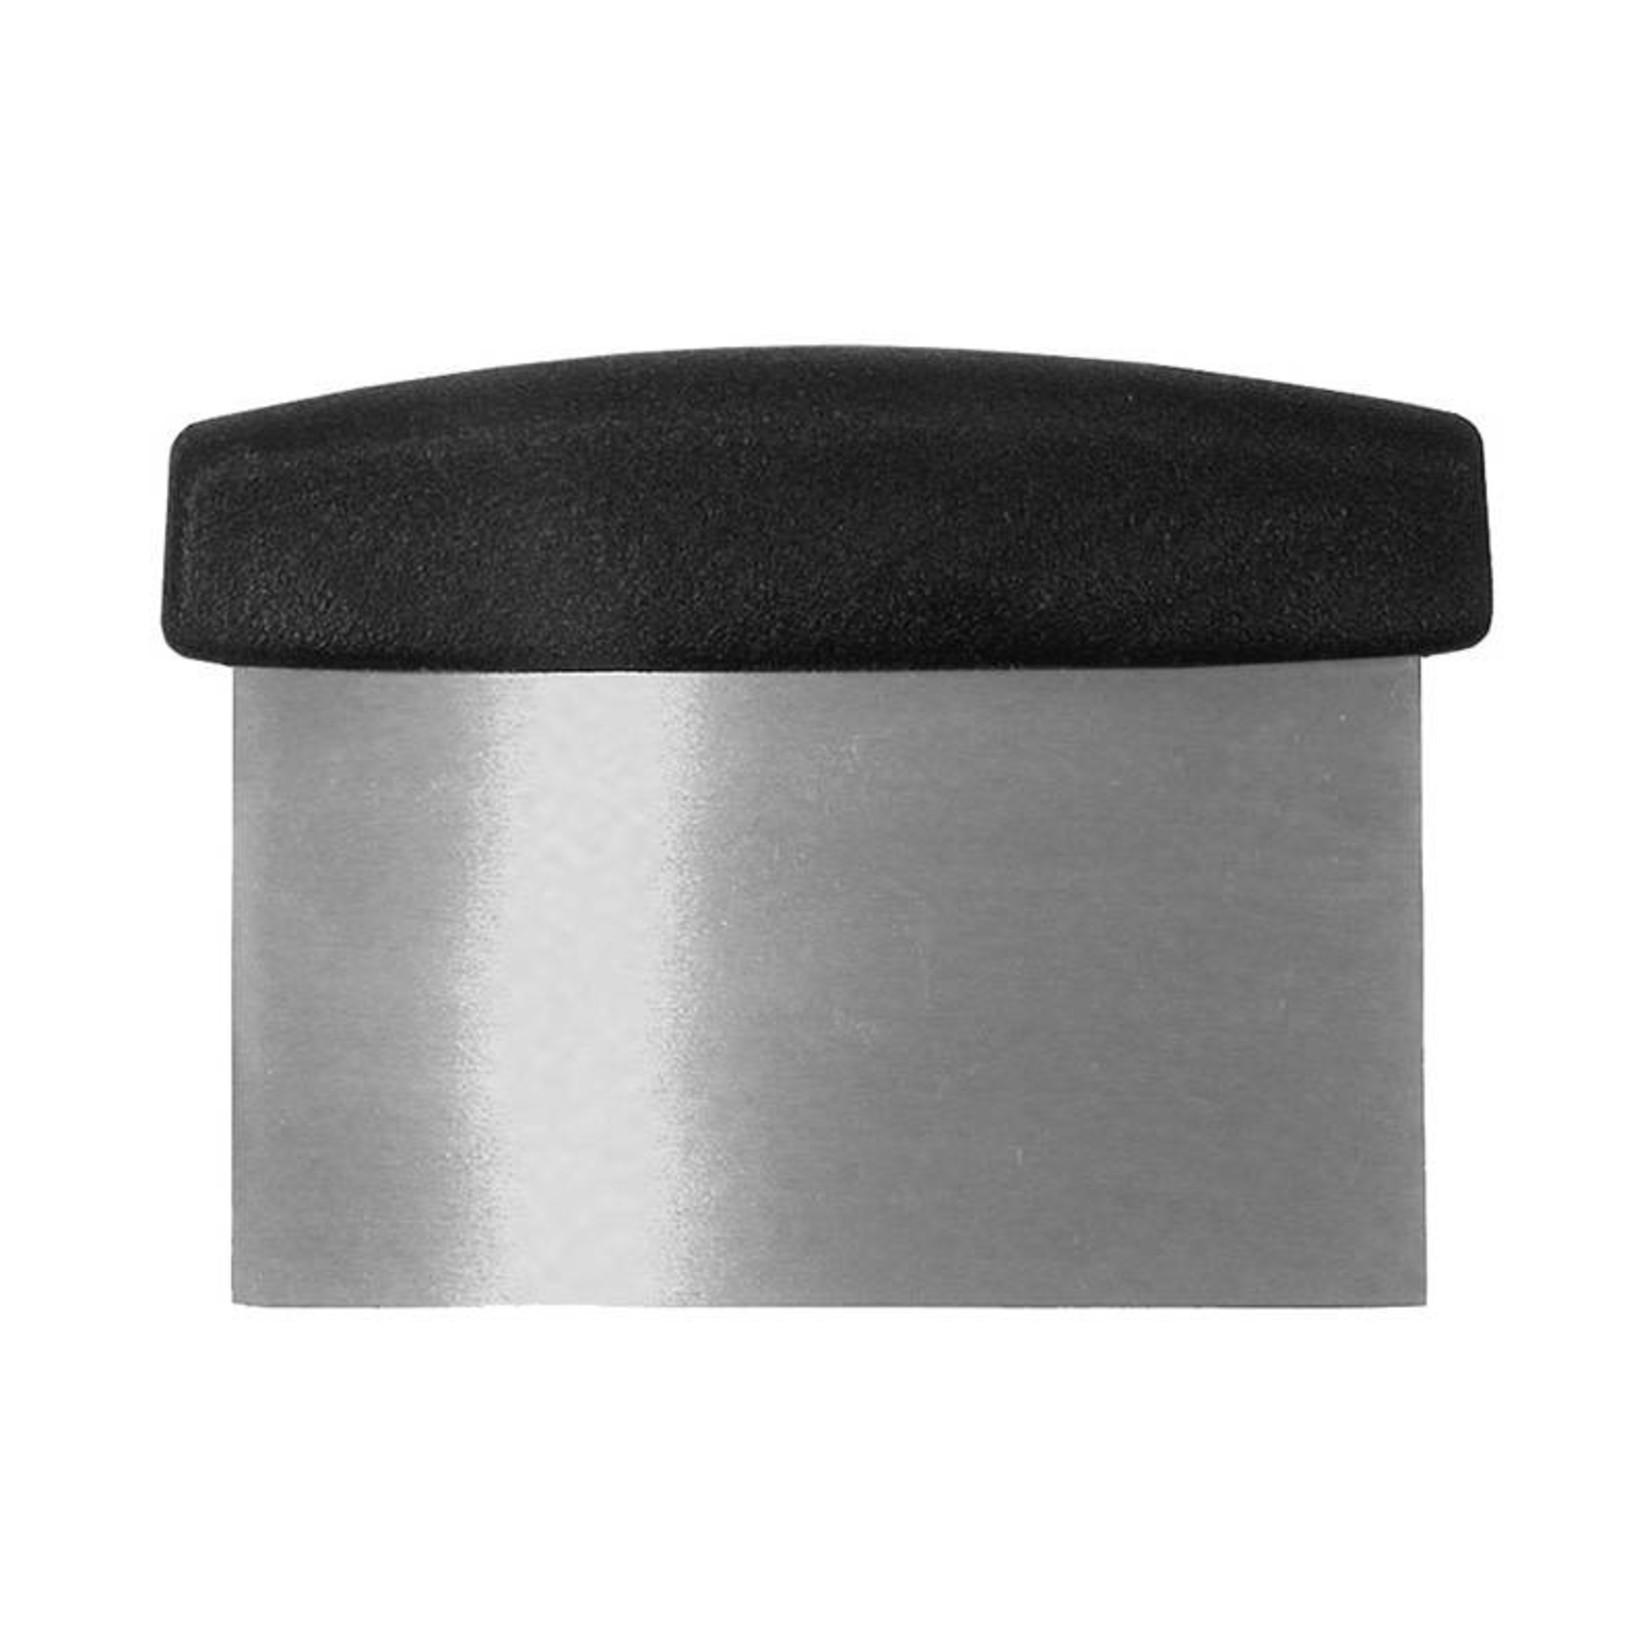 Winco Winco - Dough Scraper w/ plastic handle, DSC-2